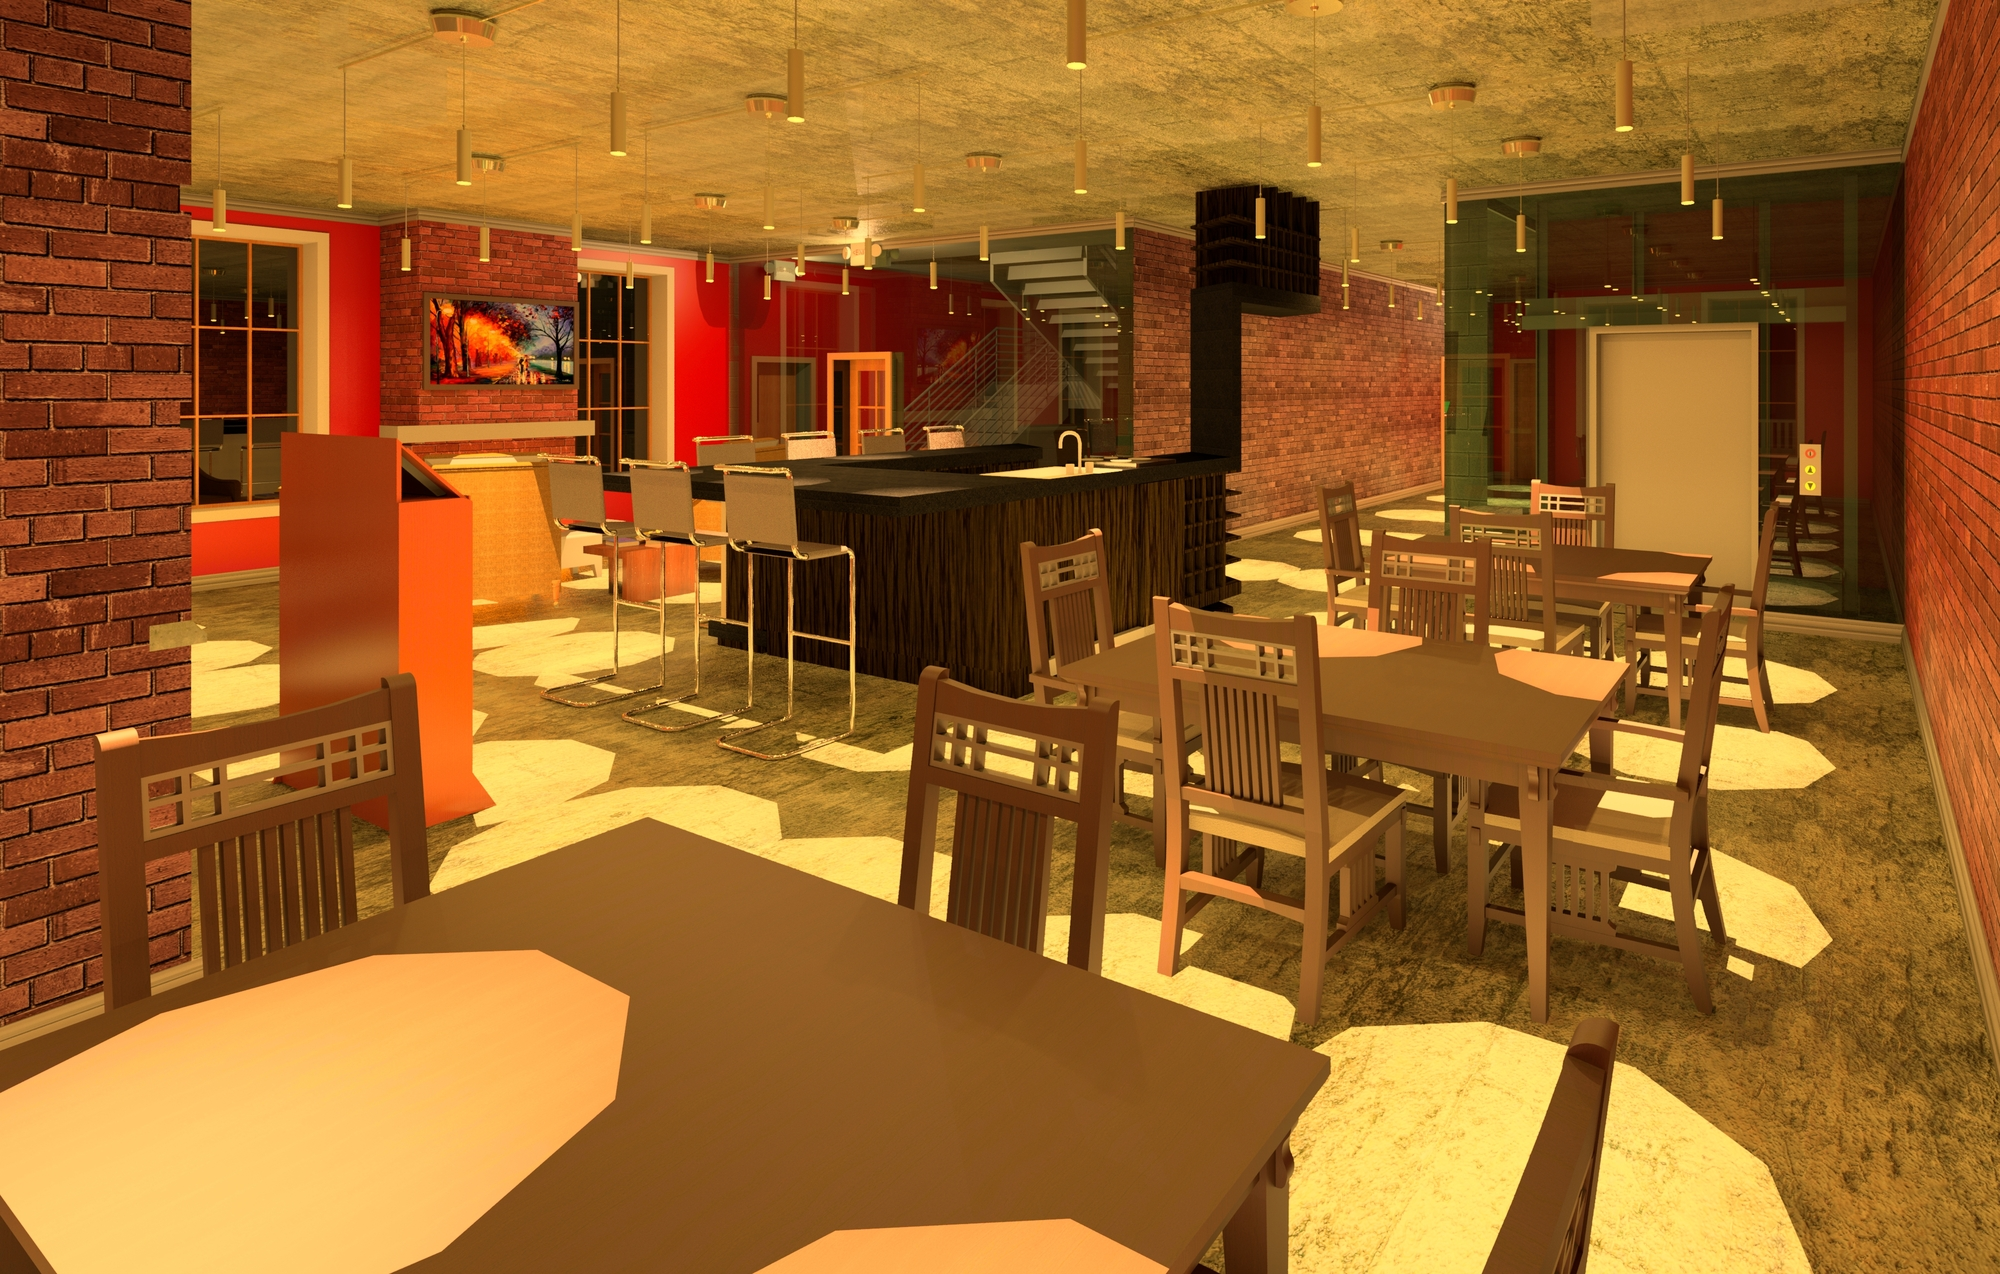 Raas-rendering20150407-6910-3rrrfr